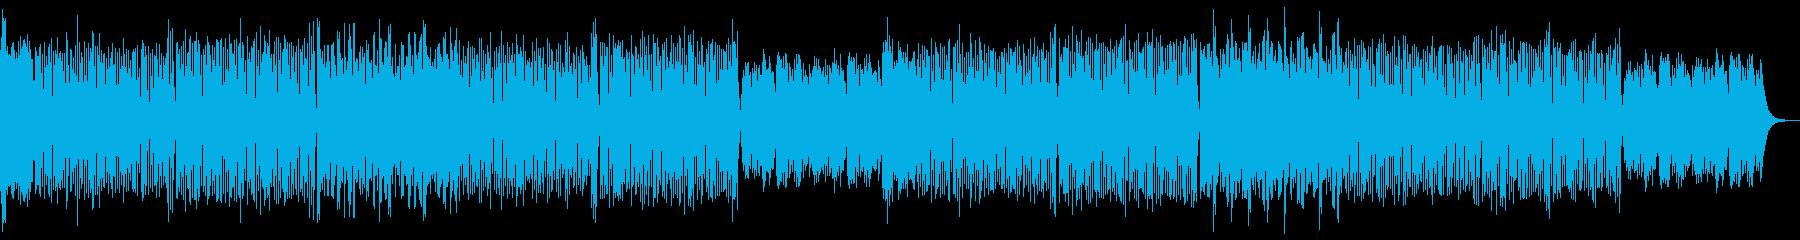 ハロウィン・不気味・コミカル・ゴシックの再生済みの波形